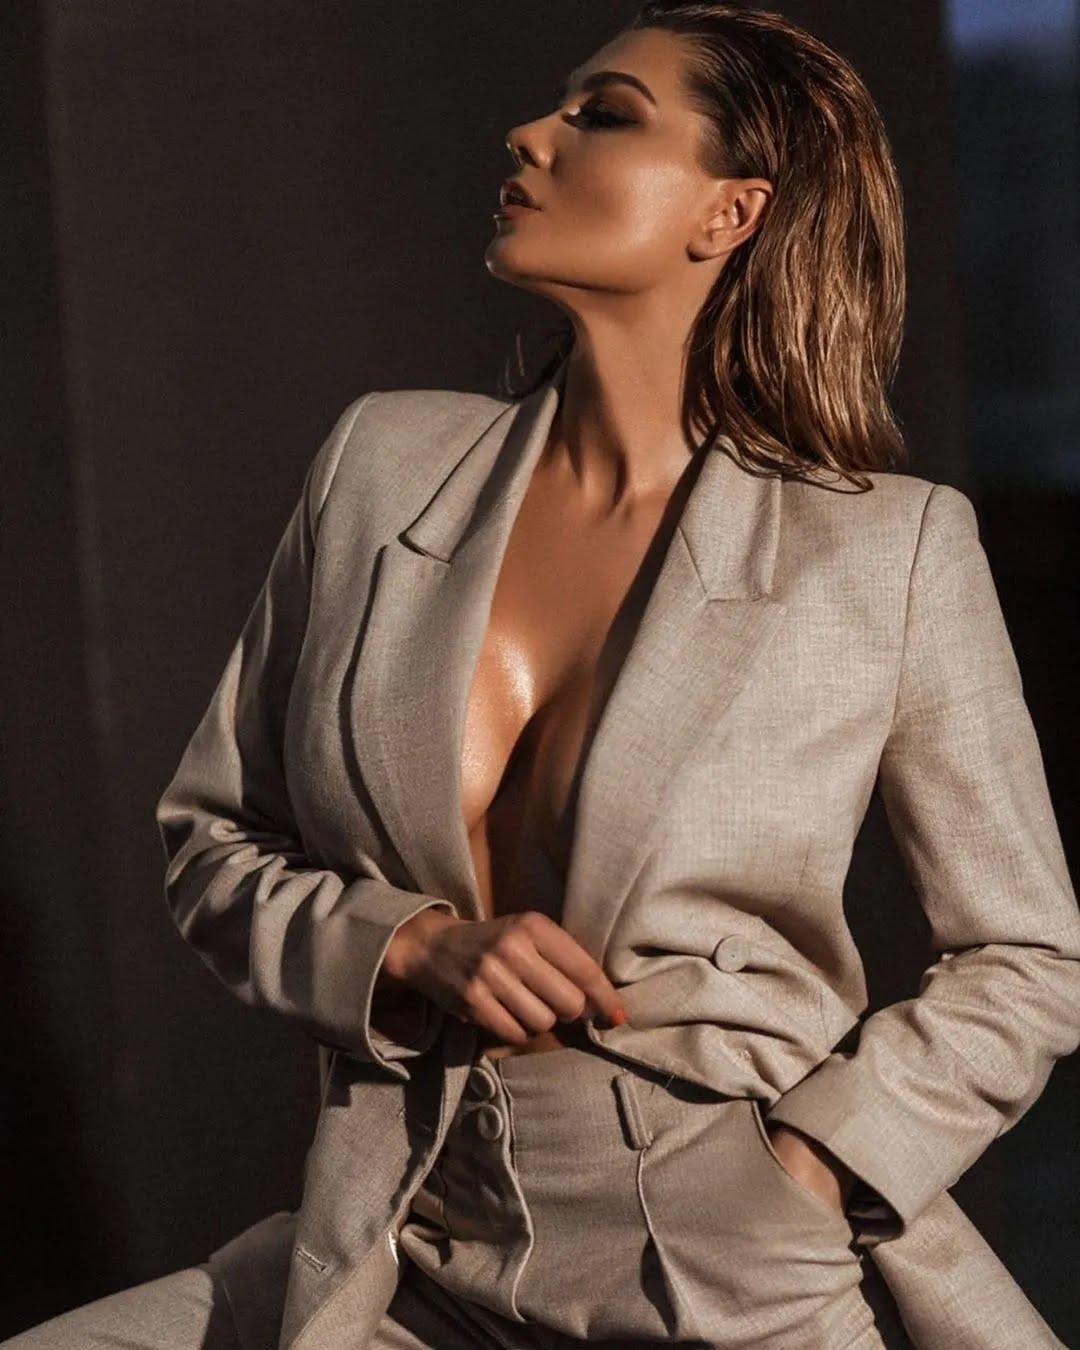 Марина Андрієнко відкрила груди